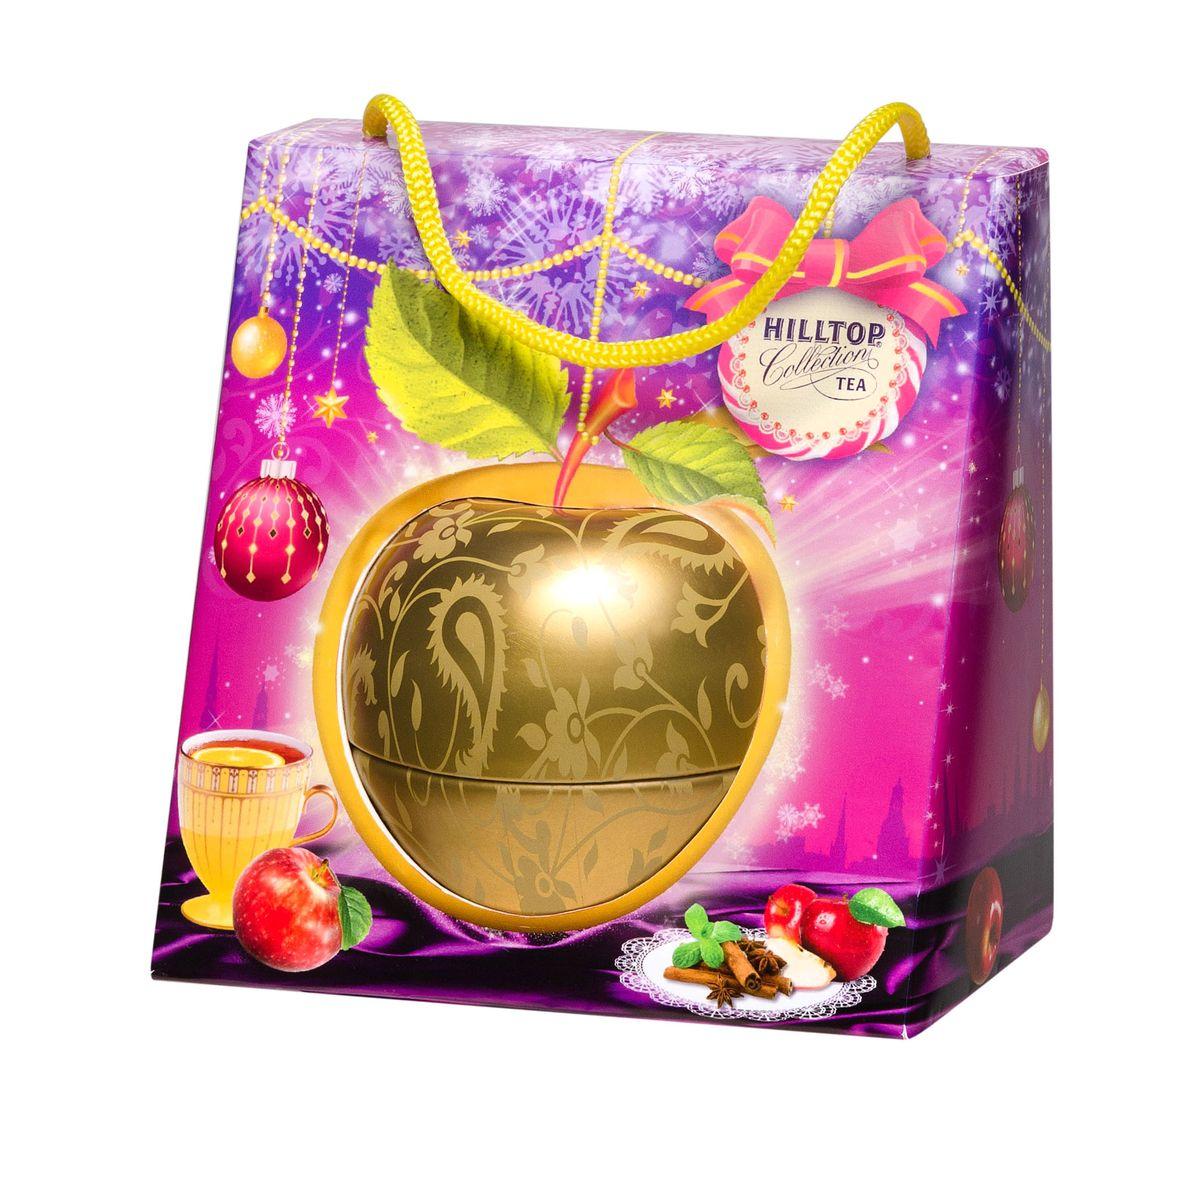 Hilltop Золотое яблочко черный листовой чай, 50 г4607099305793Крупнолистовой терпкий черный чай стандарта Супер Пеко Hilltop Золотое яблочкособран на лучших плантациях острова Цейлон. Этот чай с терпким настоем и ярким ароматом безусловно будет украшением новогоднего чаепития, а также отличным подарком вашим близким! Яркая подарочная упаковка не оставит равнодушным ни одного человека!Всё о чае: сорта, факты, советы по выбору и употреблению. Статья OZON Гид